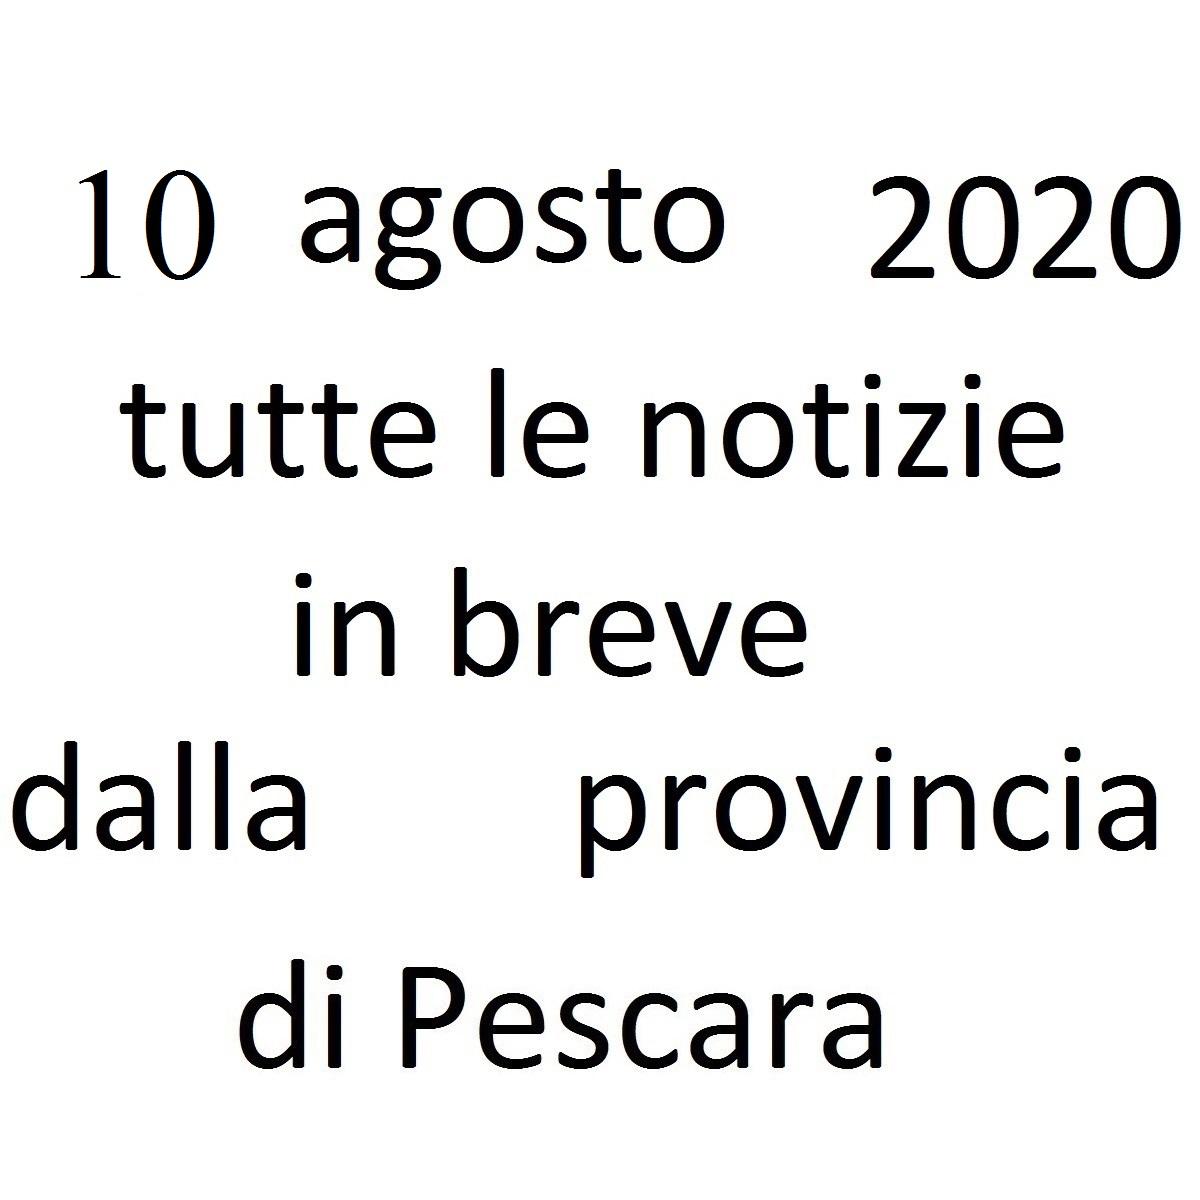 10 agosto 2020 notizie in breve dalla Provincia di Pescara foto